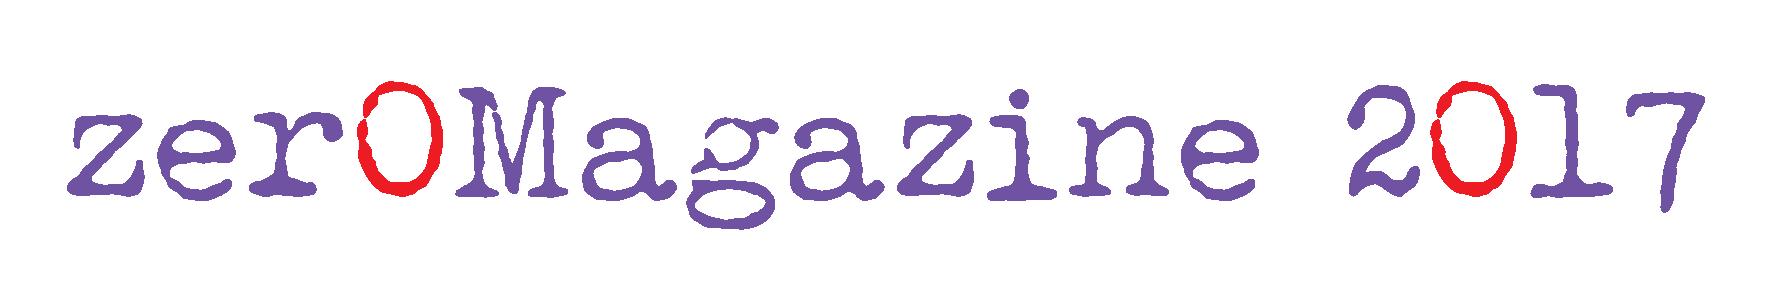 logo zeromagazine